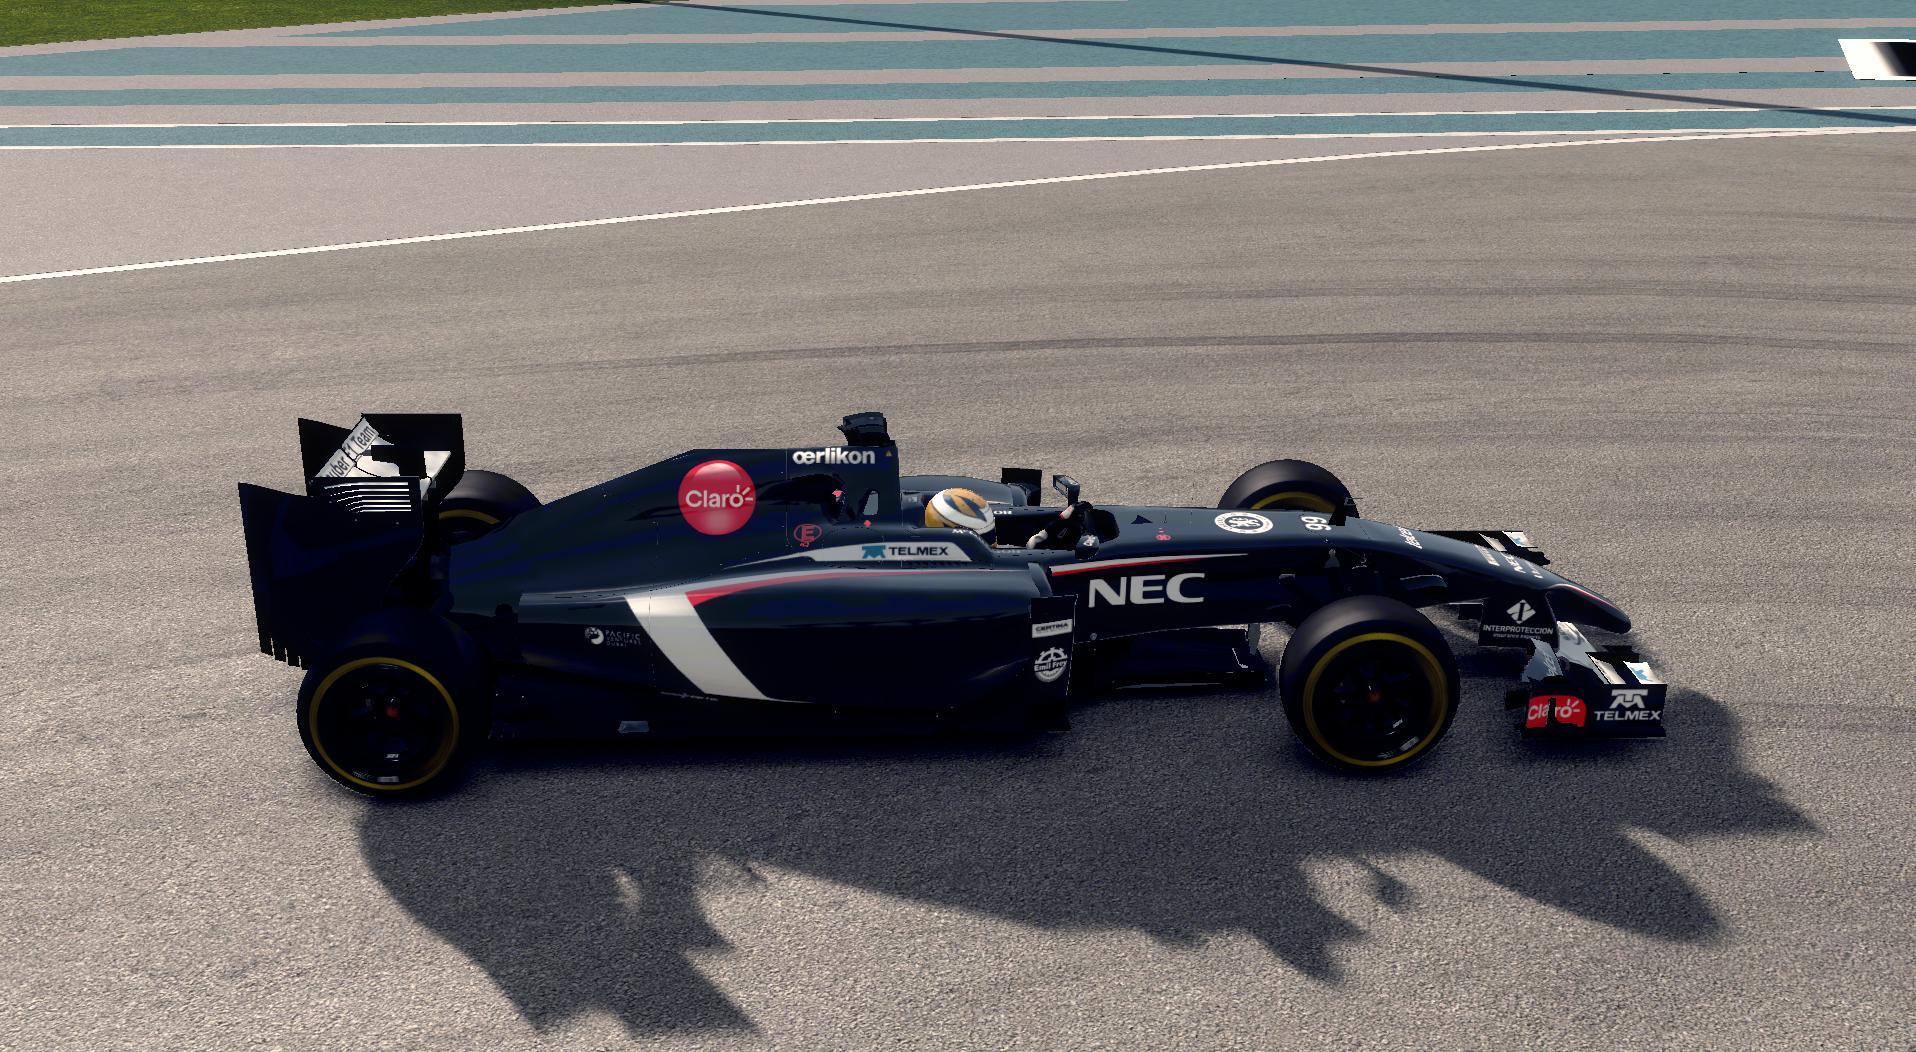 F1_2014 2014-11-30 12-06-25-01.jpg